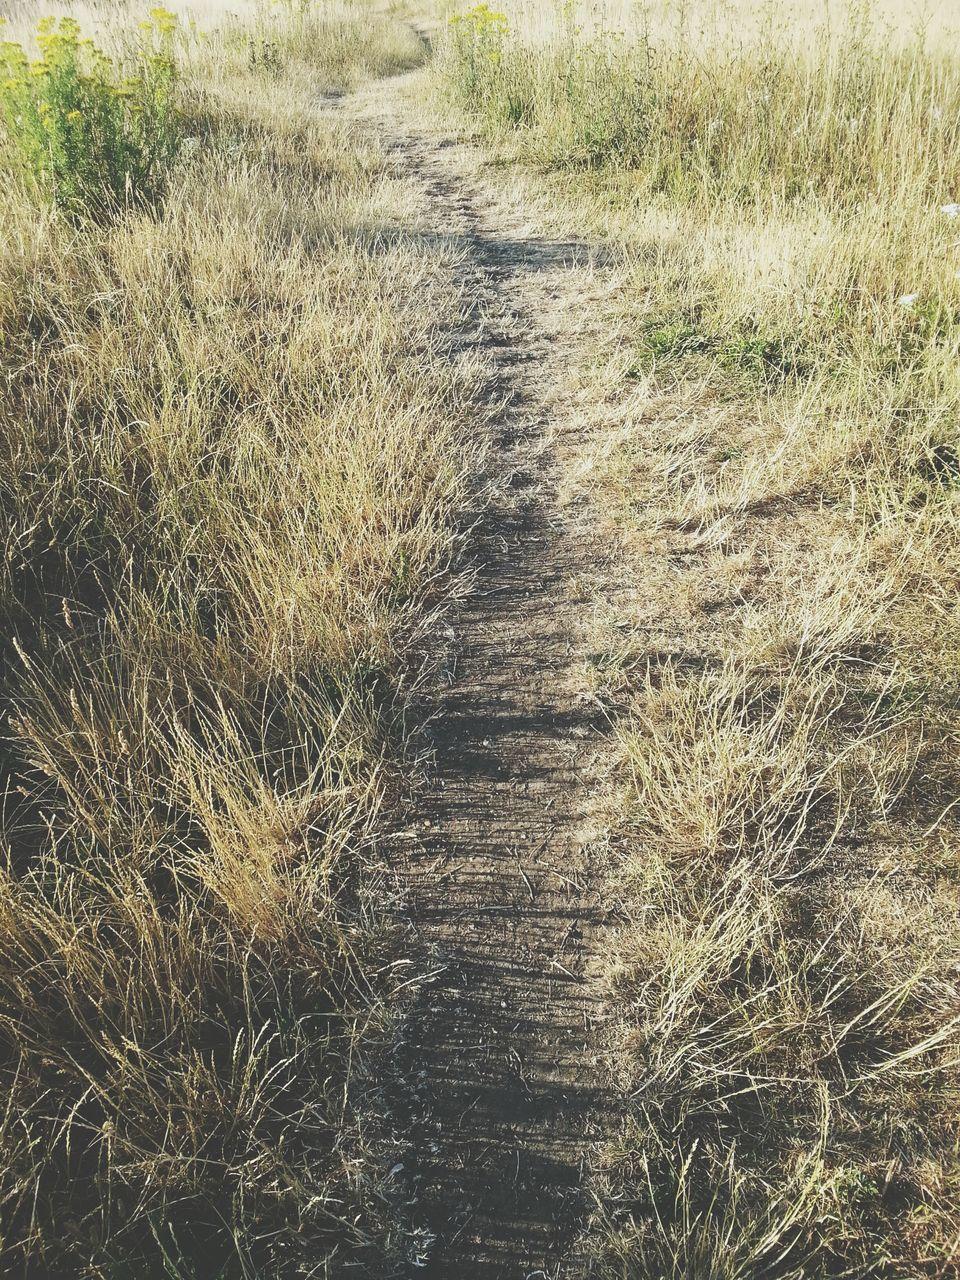 Dirt Road In Field